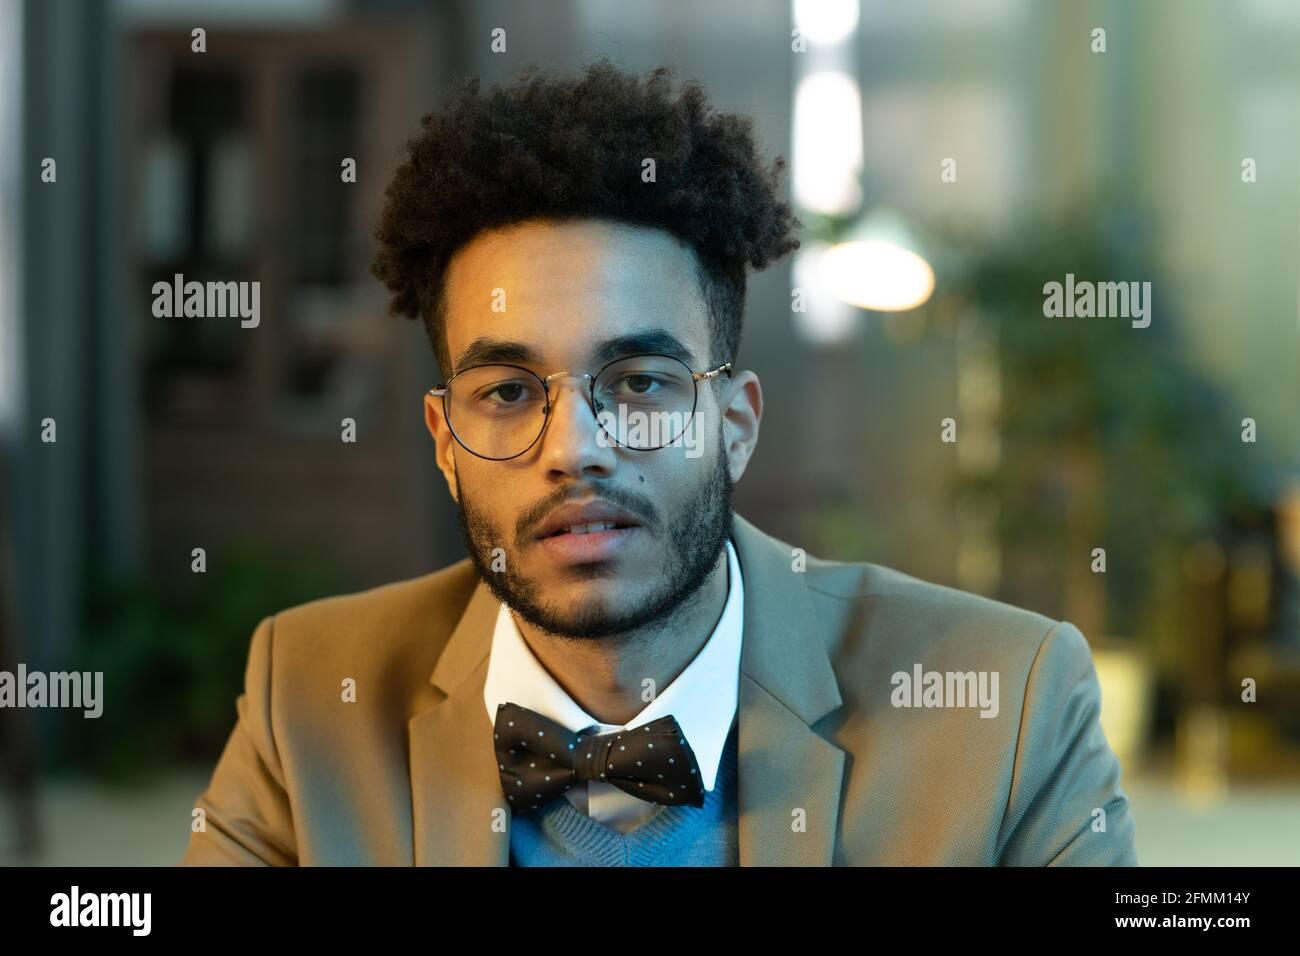 Ritratto di bel giovane uomo con capelli ricci afro bicchieri rotondi e cravatta di prua in ufficio Foto Stock